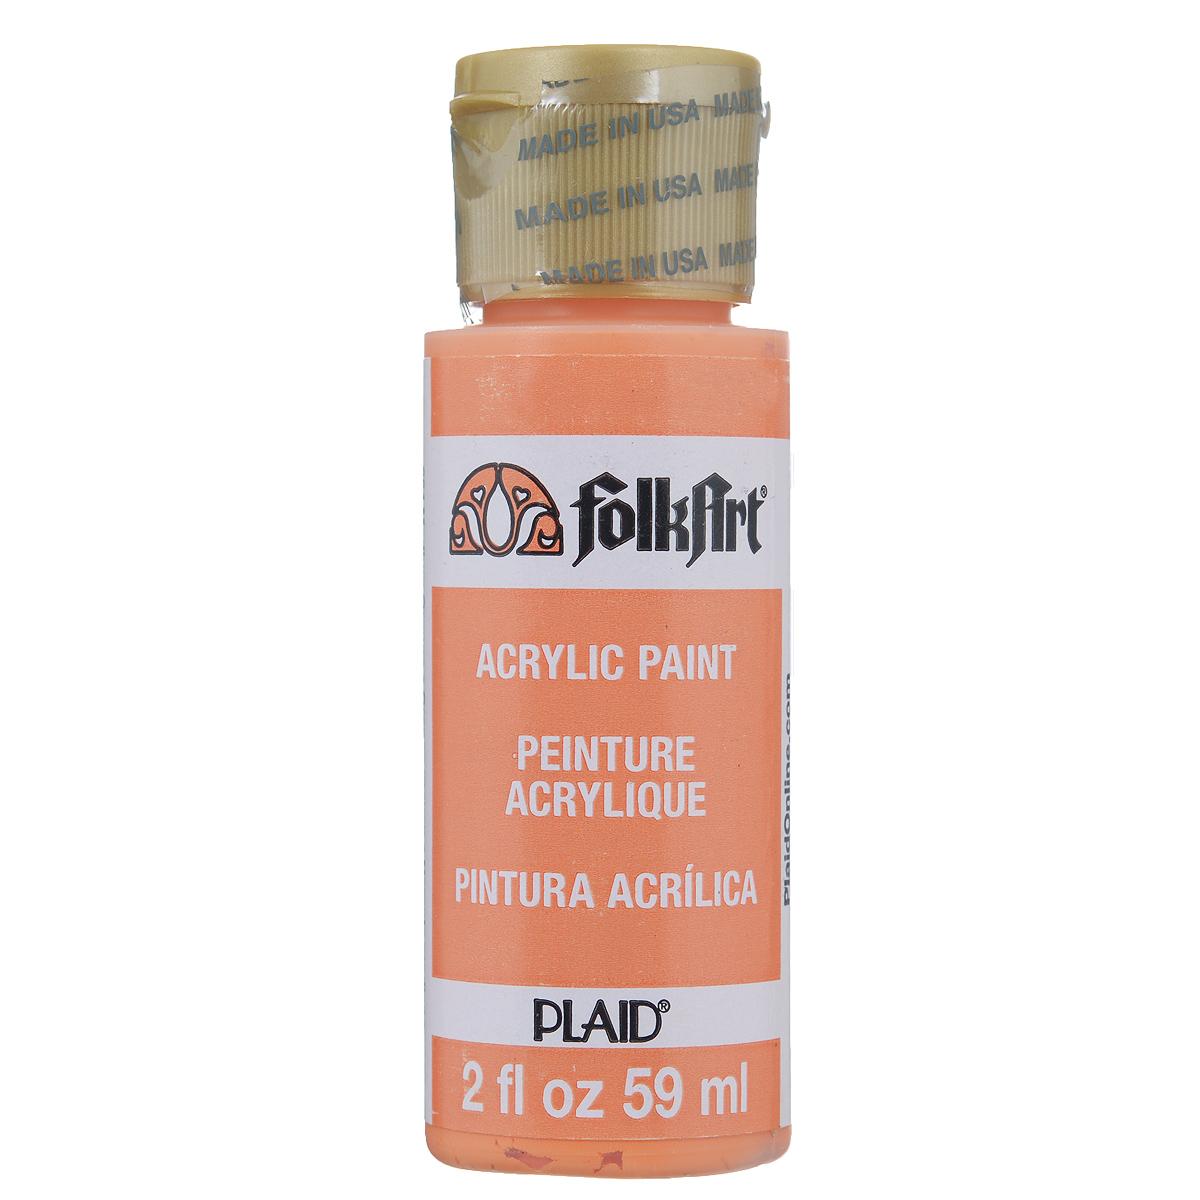 Акриловая краска FolkArt, цвет: оранжевый, 59 млPLD-00684Акриловая краска FolkArt выполнена на водной основе и предназначена для рисования на пористых поверхностях. Краска устойчива к погодным и ультрафиолетовым воздействиям. Не нуждается в дополнительном покрытии герметиком. После высыхания имеет глянцевый вид. Изделия покрытые краской FolkArt, прекрасно дополнят ваш интерьер. Объем: 59 мл.